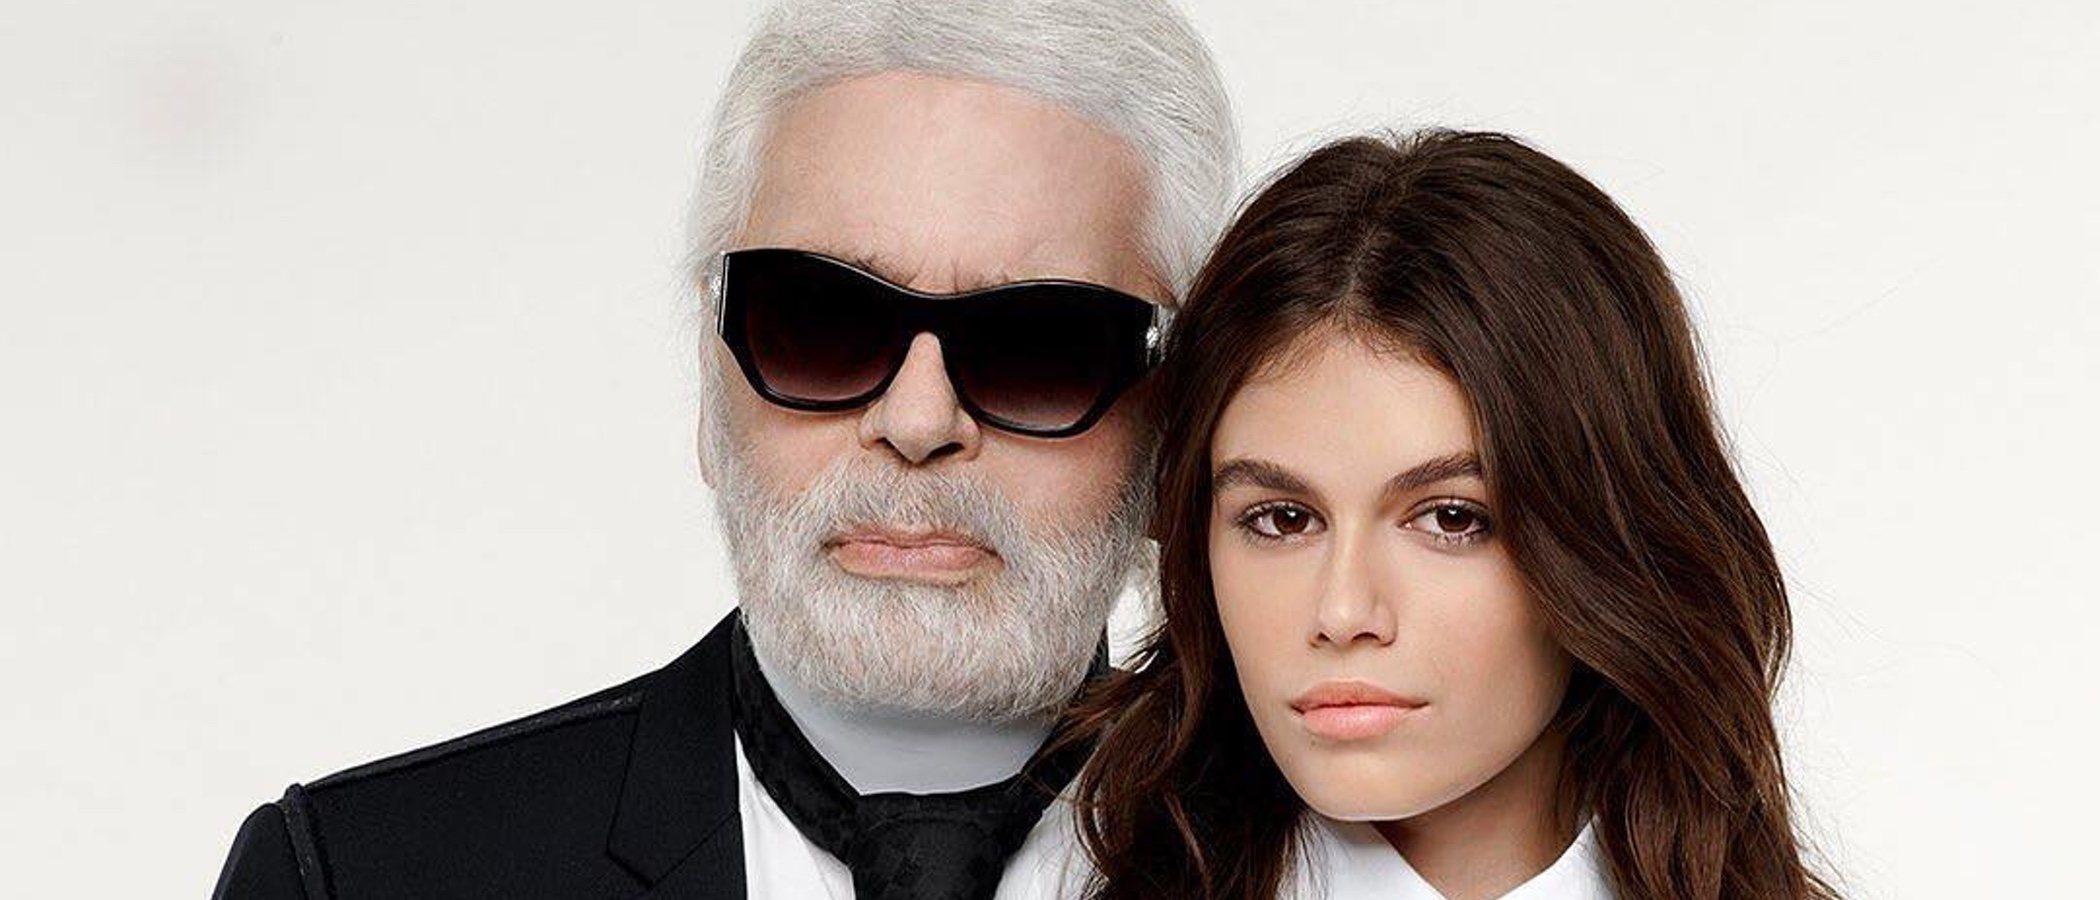 Salen a la luz algunas imágenes de la campaña de Karl Lagerfeld con Kaia Gerber